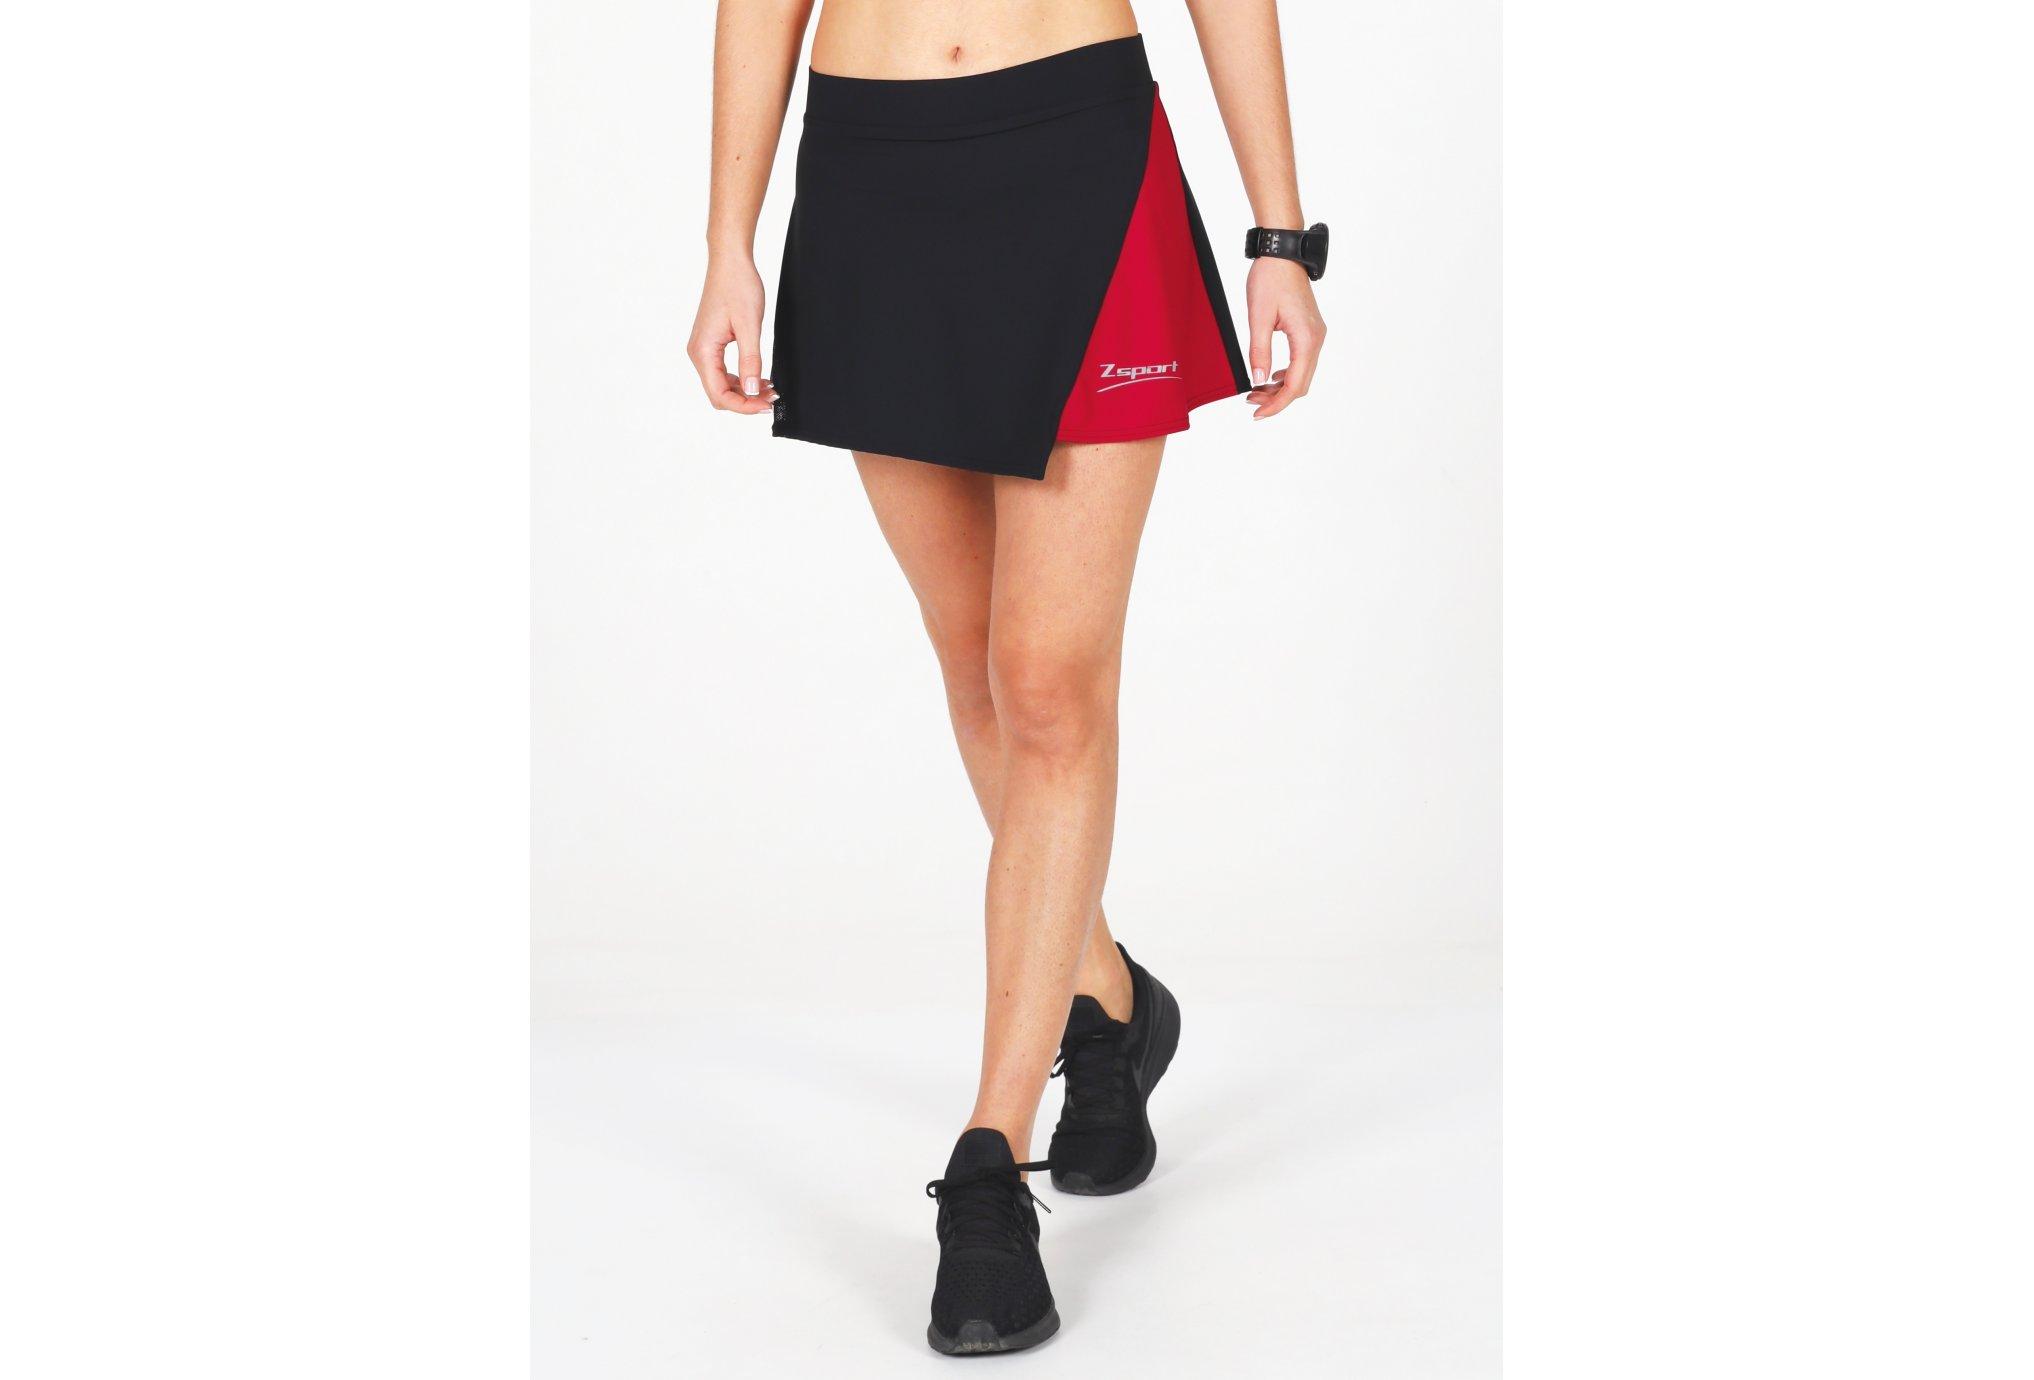 Zsport Skort Running W Diététique Vêtements femme